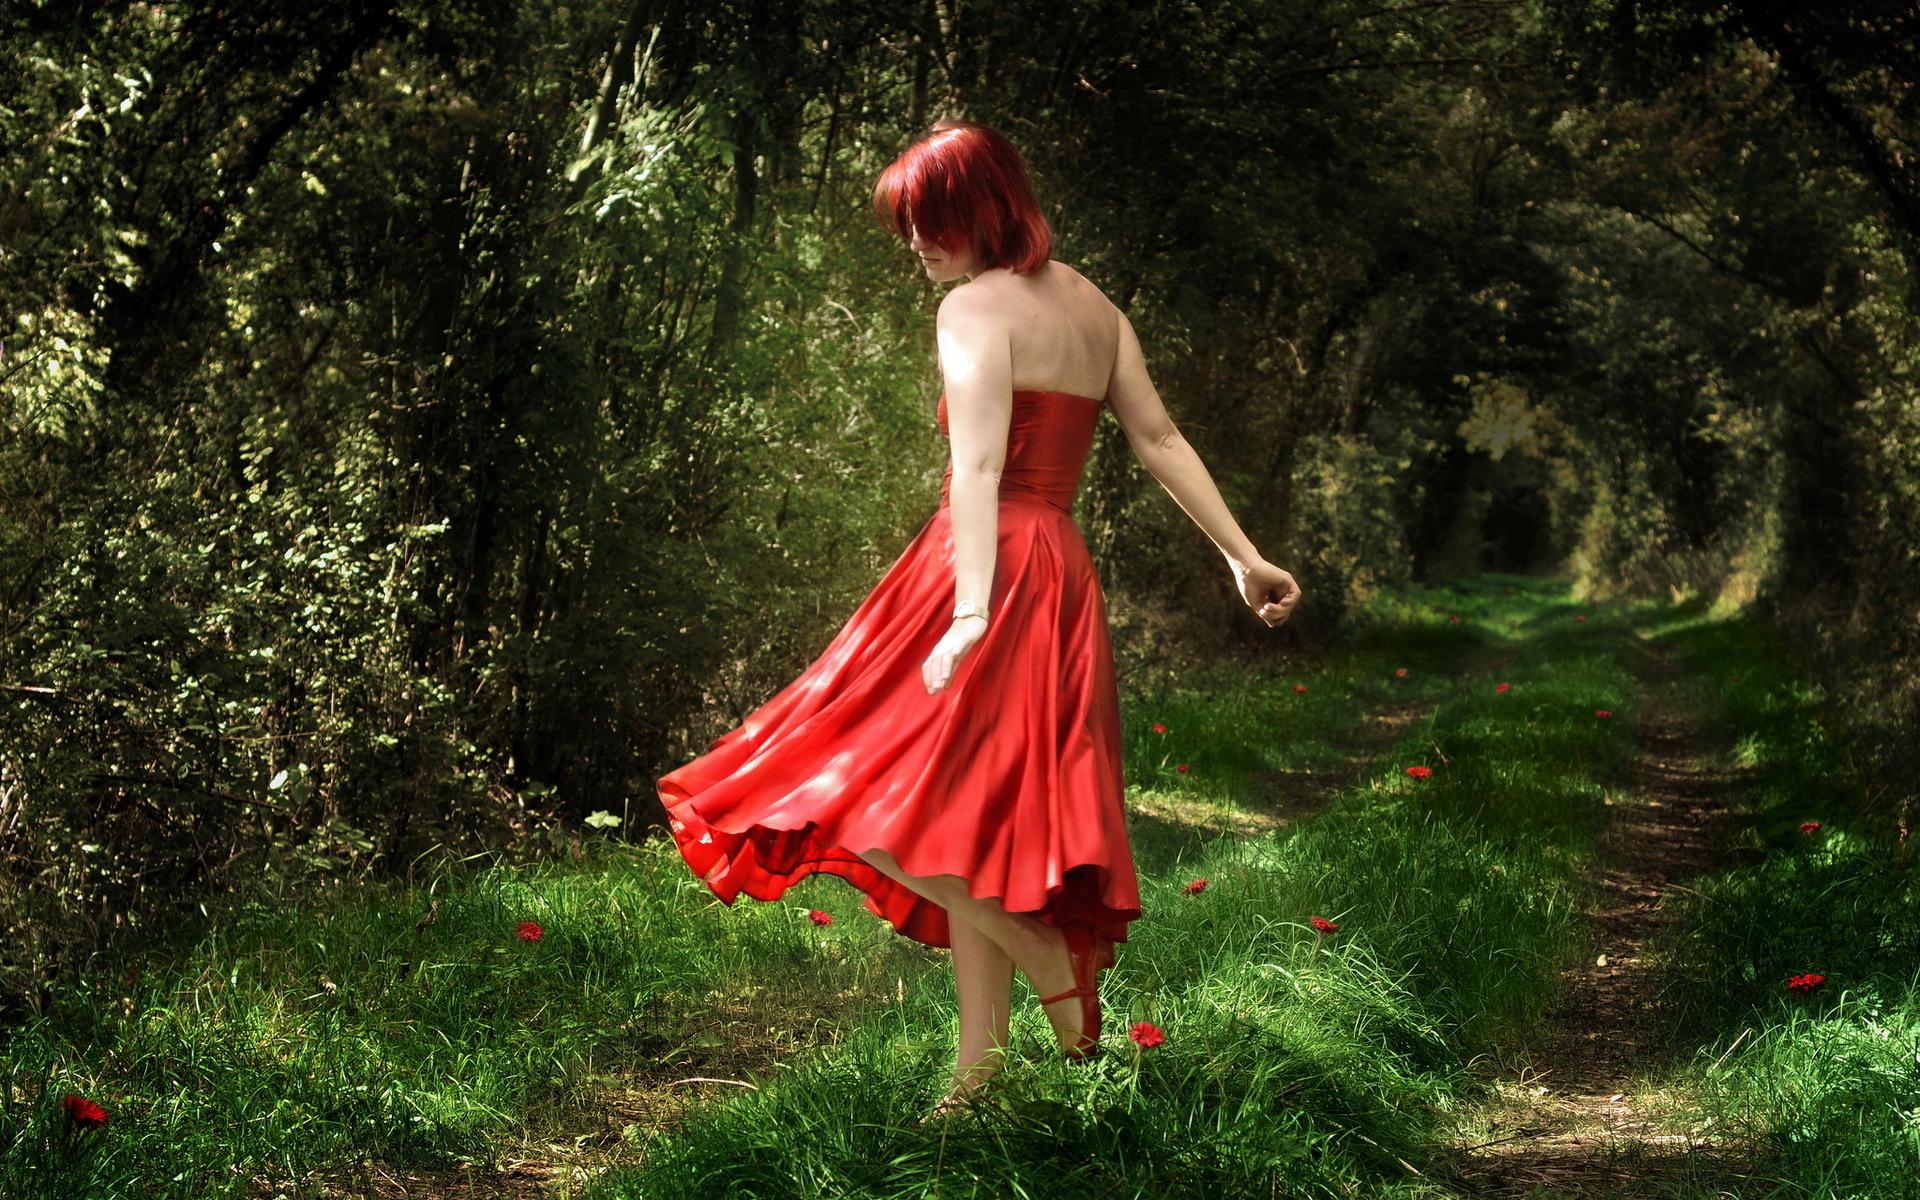 Фото в красном платье в лесу 5 фотография